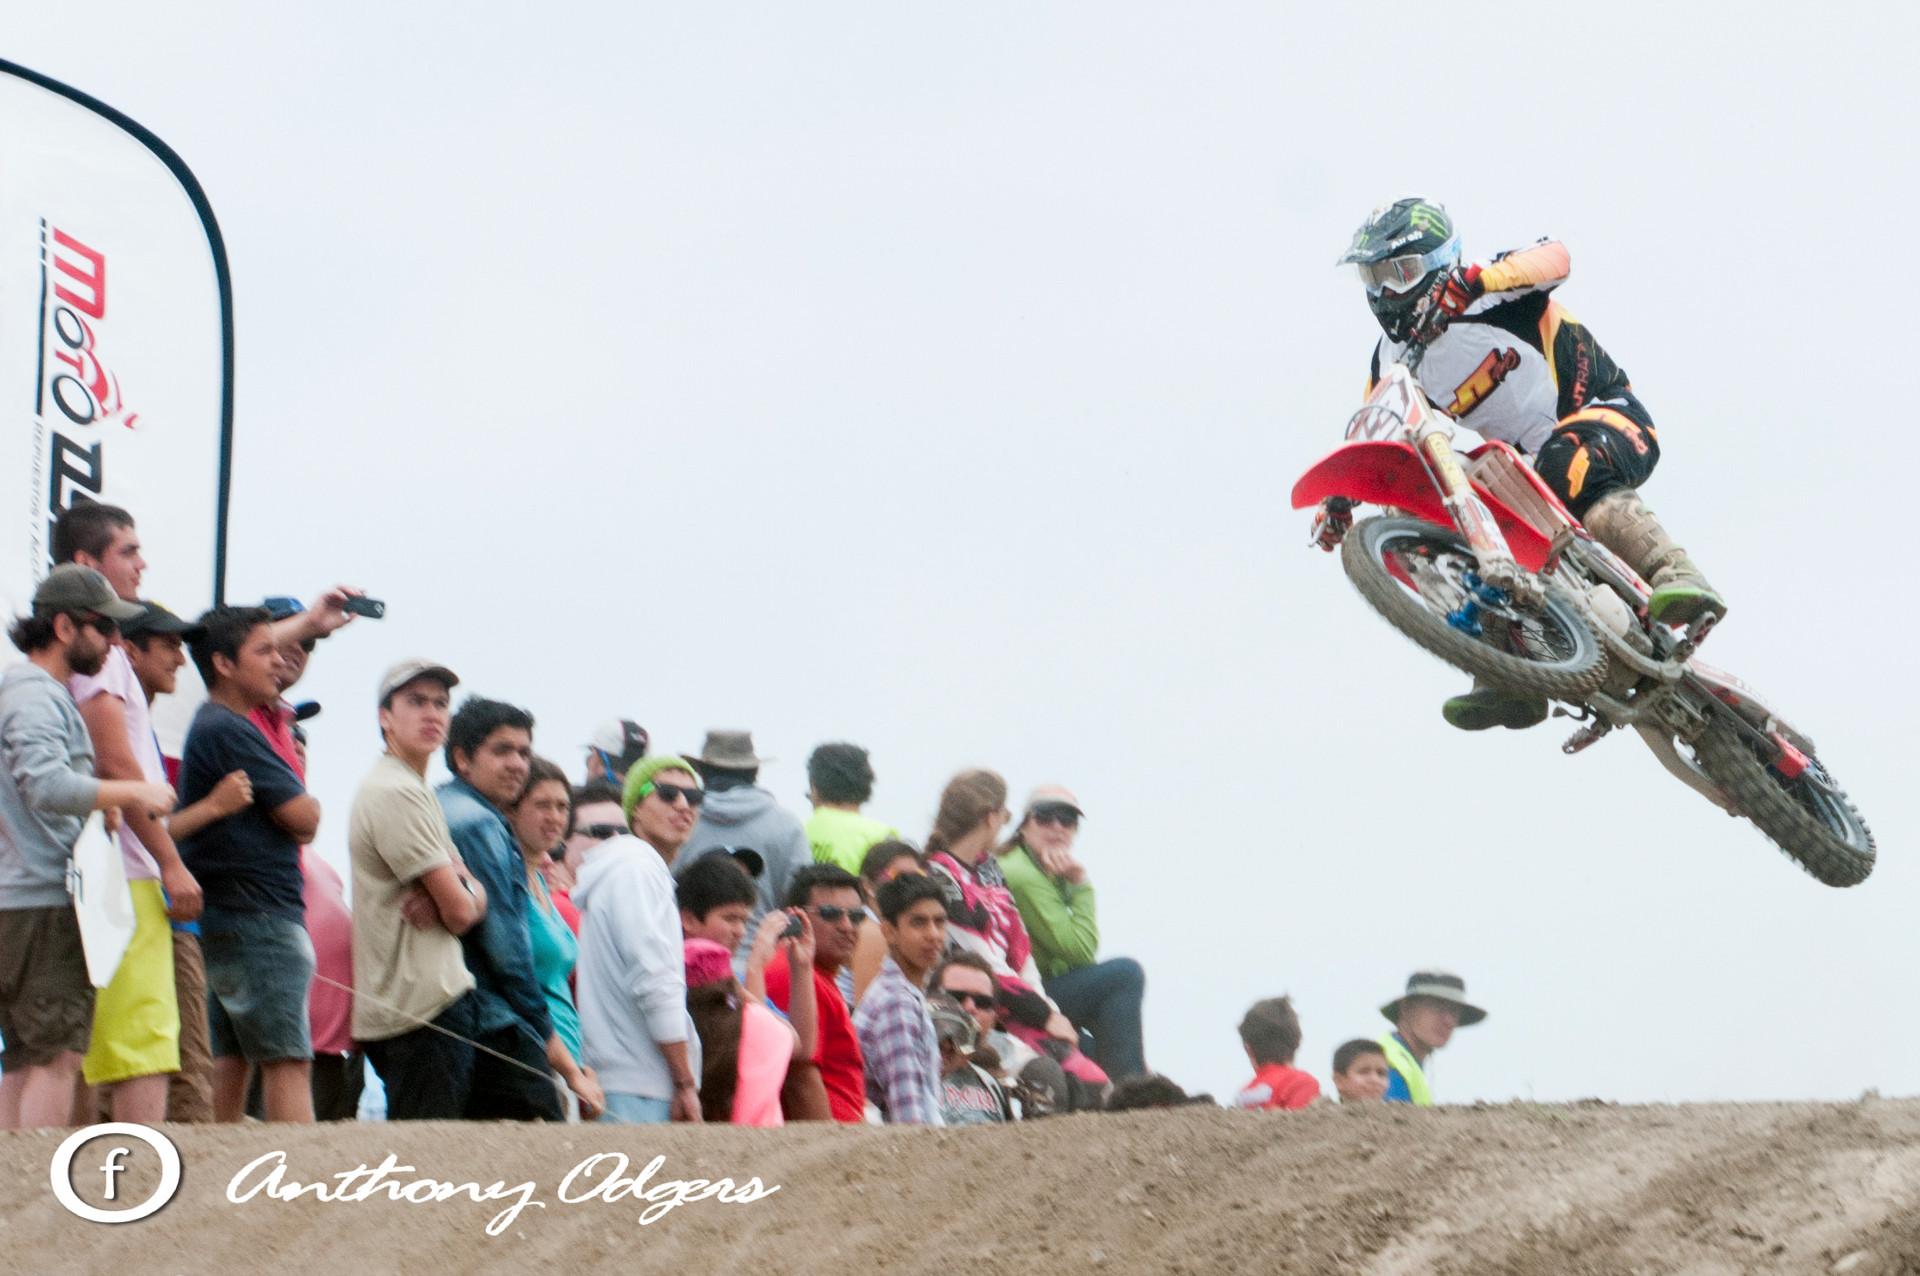 2013-01-06-Motocross Enduro-13.jpg